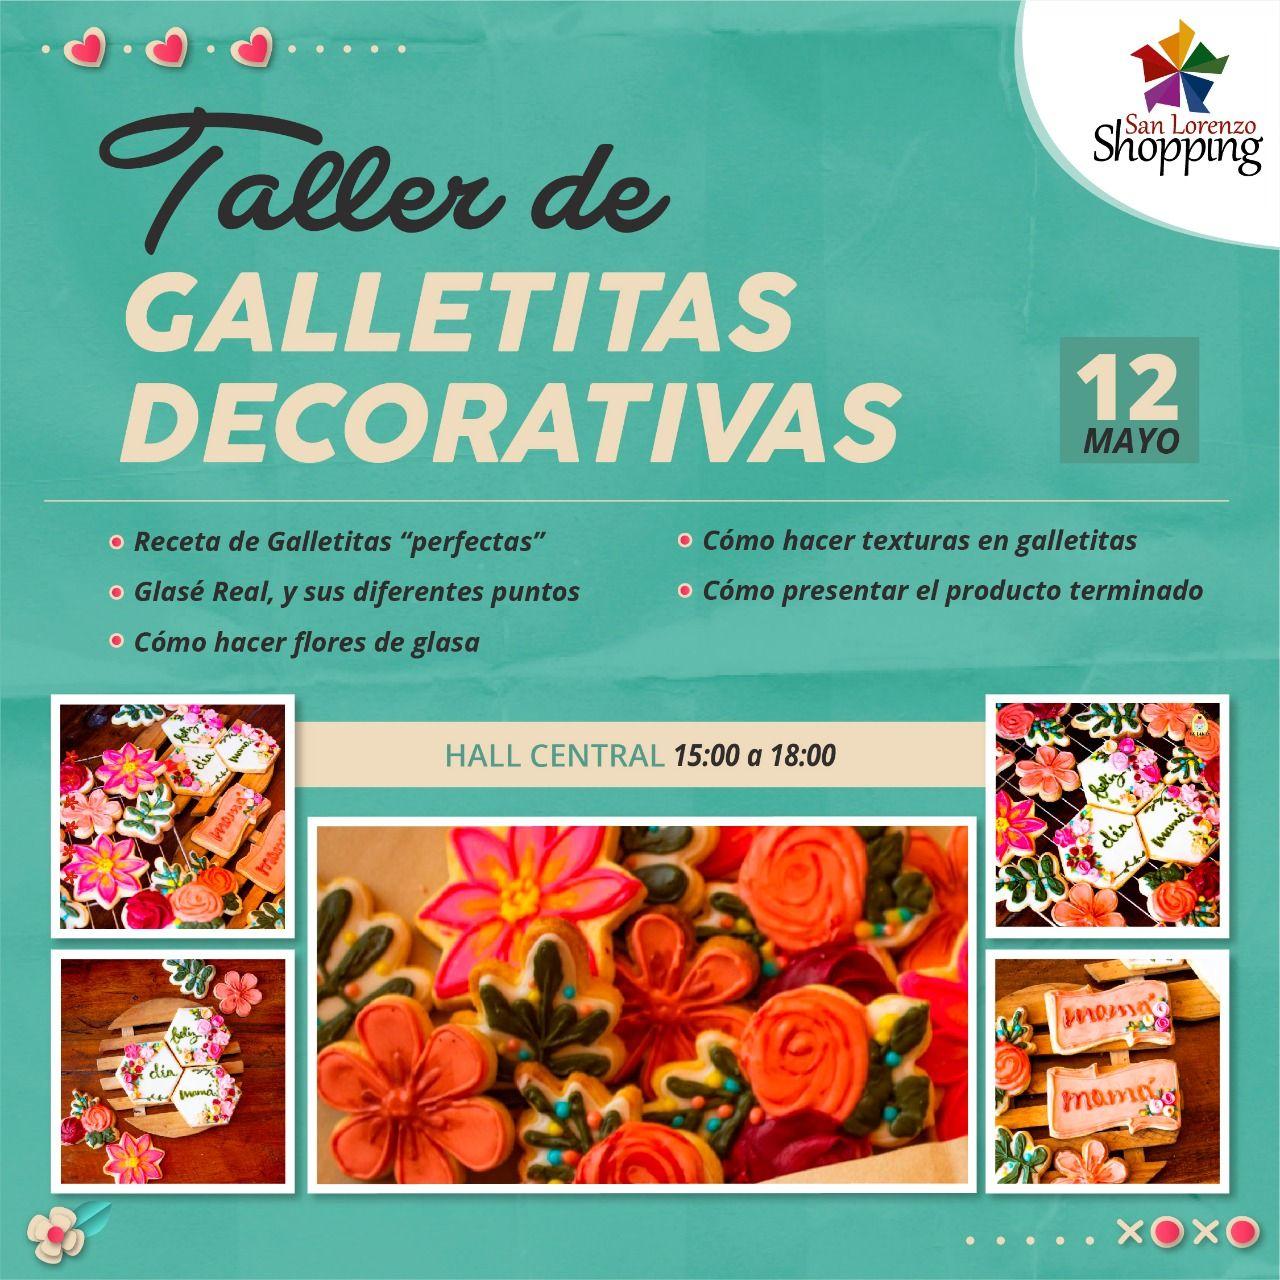 TALLER DE GALLETITAS